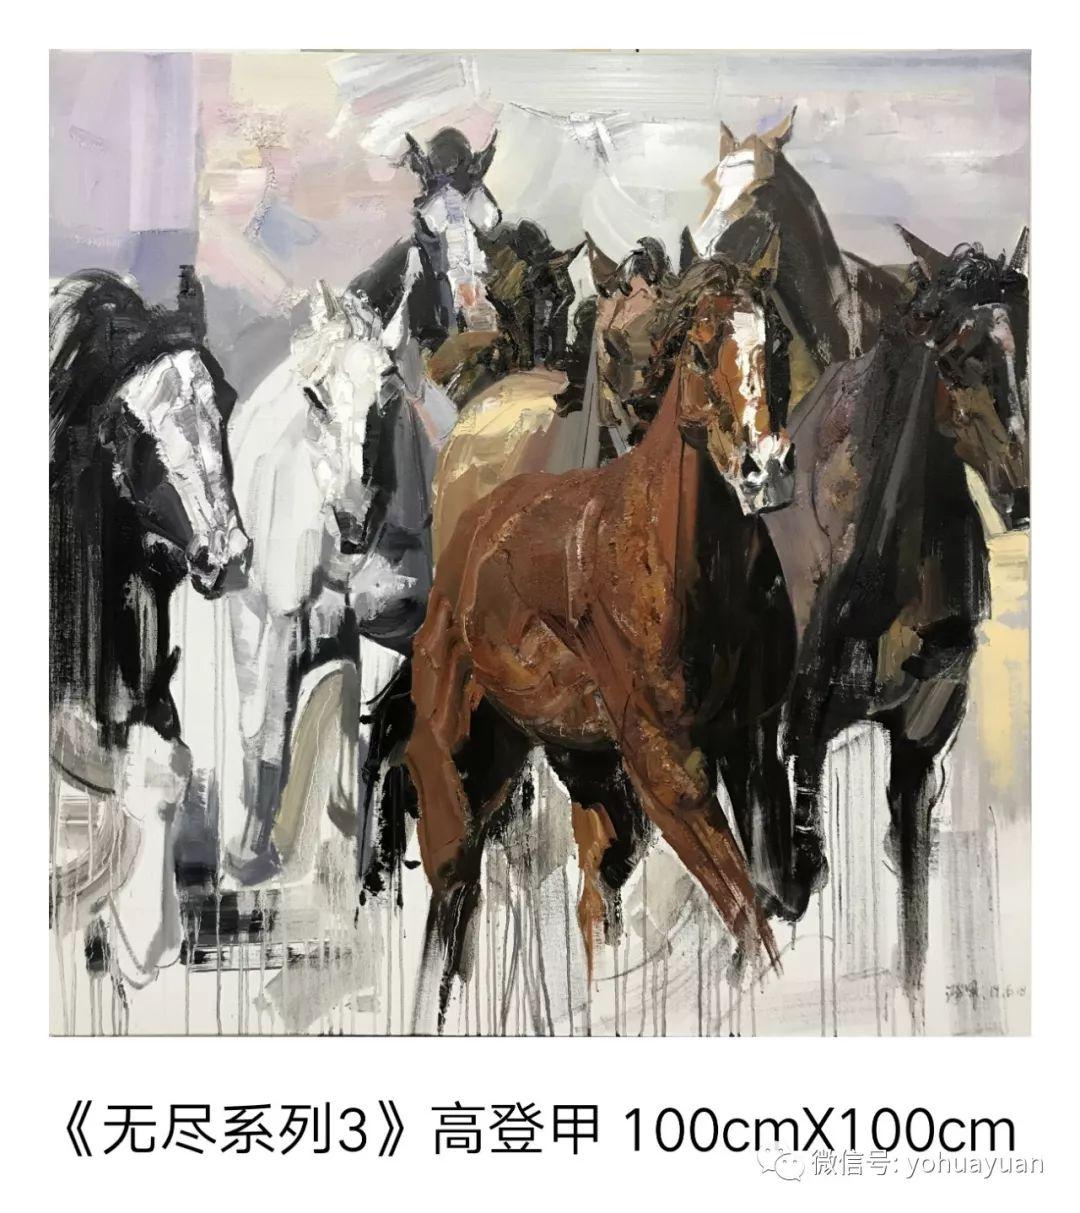 油画作品拍卖(内蒙古草原写生) 第22张 油画作品拍卖(内蒙古草原写生) 蒙古画廊